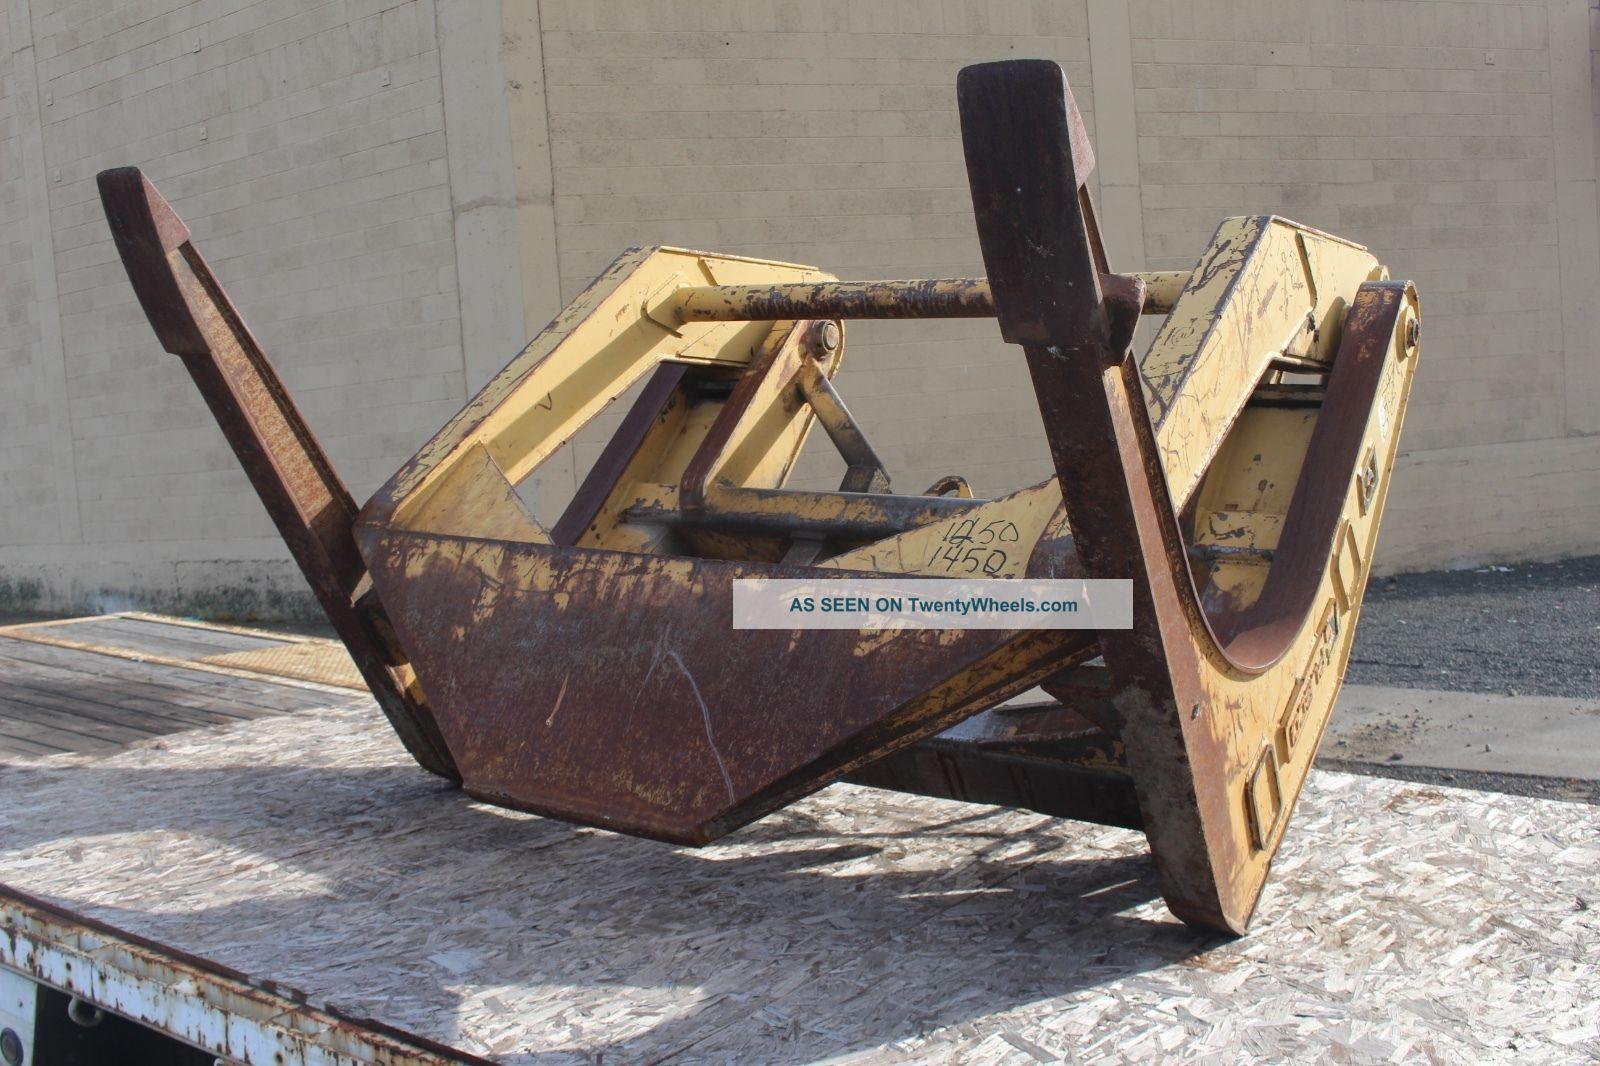 Fleco Fork Forklift Frontend Loader Front End Attachment Wheel Loaders photo